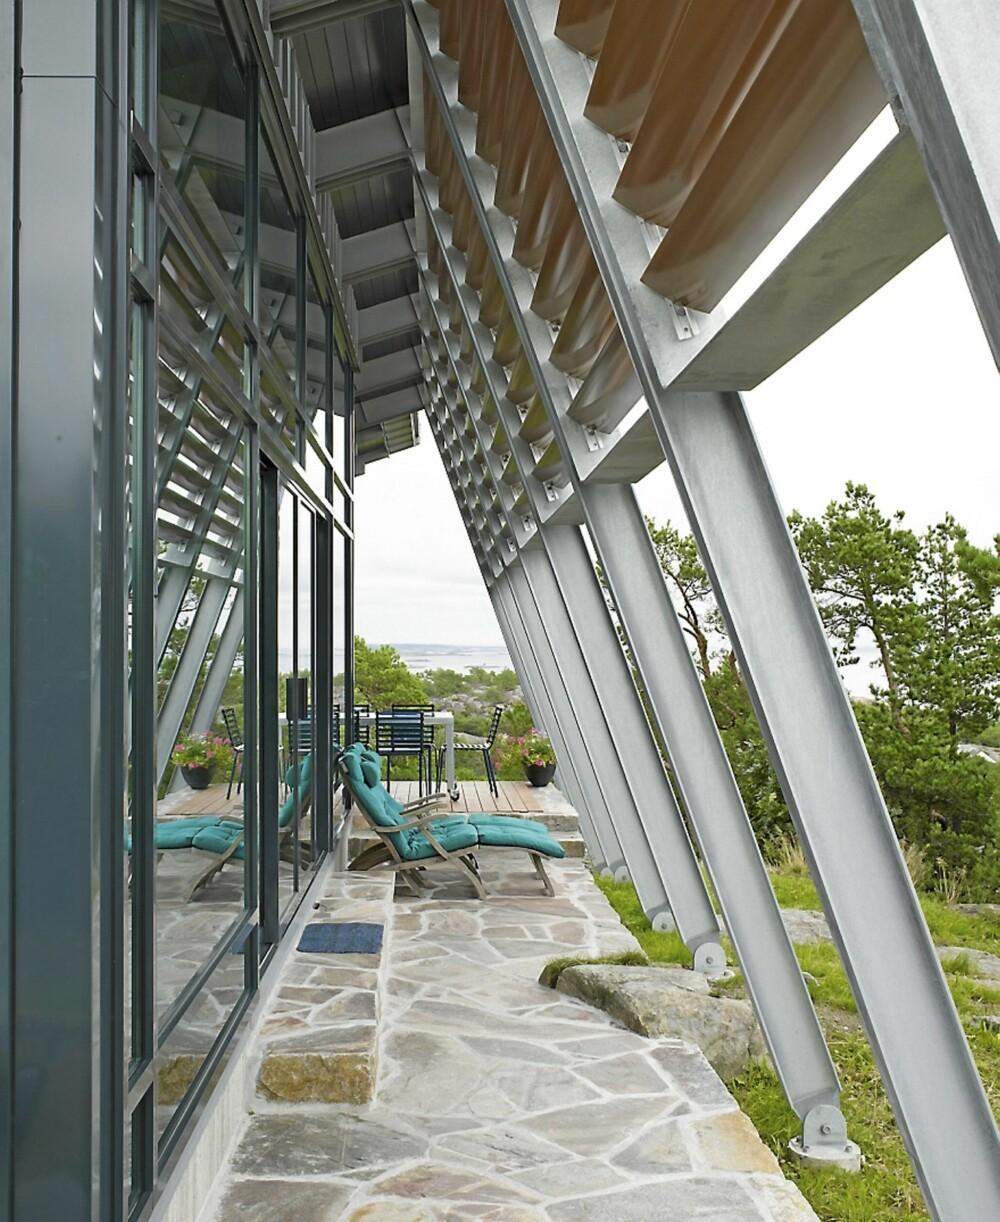 BLENDING: Solavskjermingen er montert mellom bærebjelkene, og holdt i tre for å dempe speilingen av glassfasaden. Betongplattingen er formet etter fjellet.